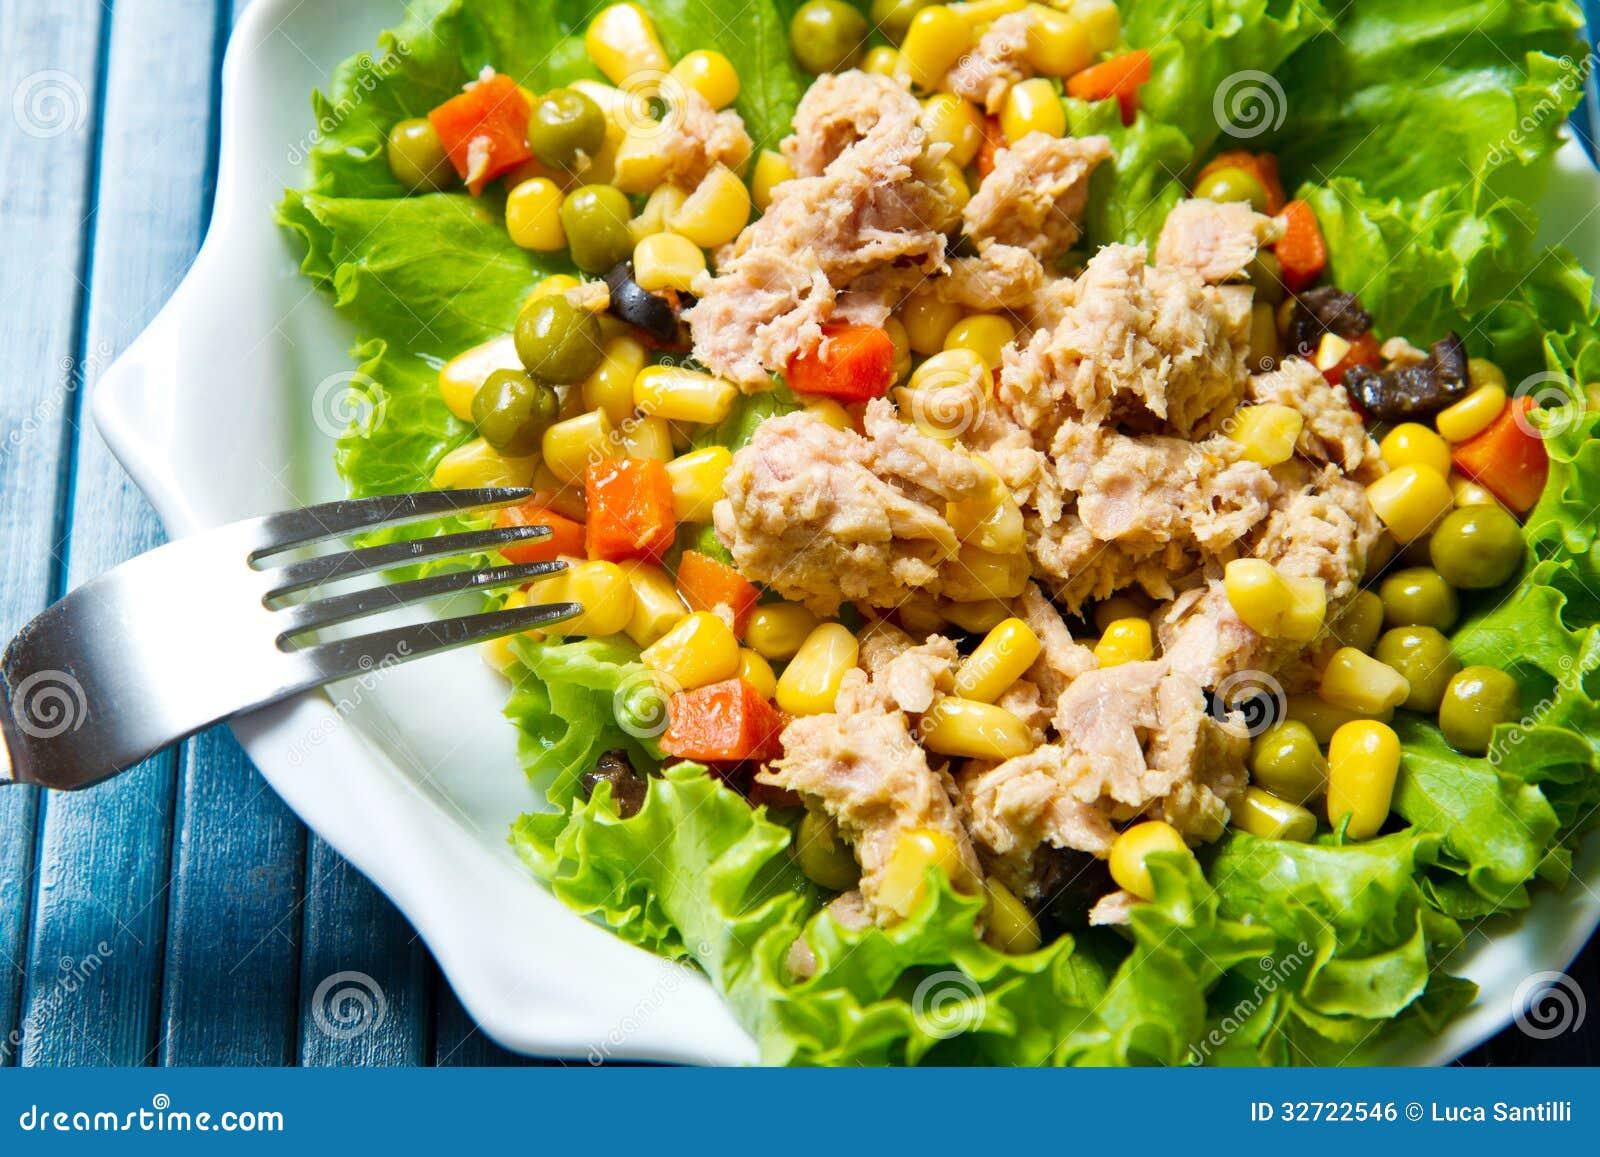 Im Sommer ist wieder die Zeit gekommen und kaum einer kommt mehr ohne Salat aus – aber Salat ist nicht gleich Salat. Damit meine ich nicht nur die verschiedenen Salatblätter wie Eisberg, Lollo Rosso, Rucola (Rauke) und dergleichen, sondern auch die diversen Salatarten.